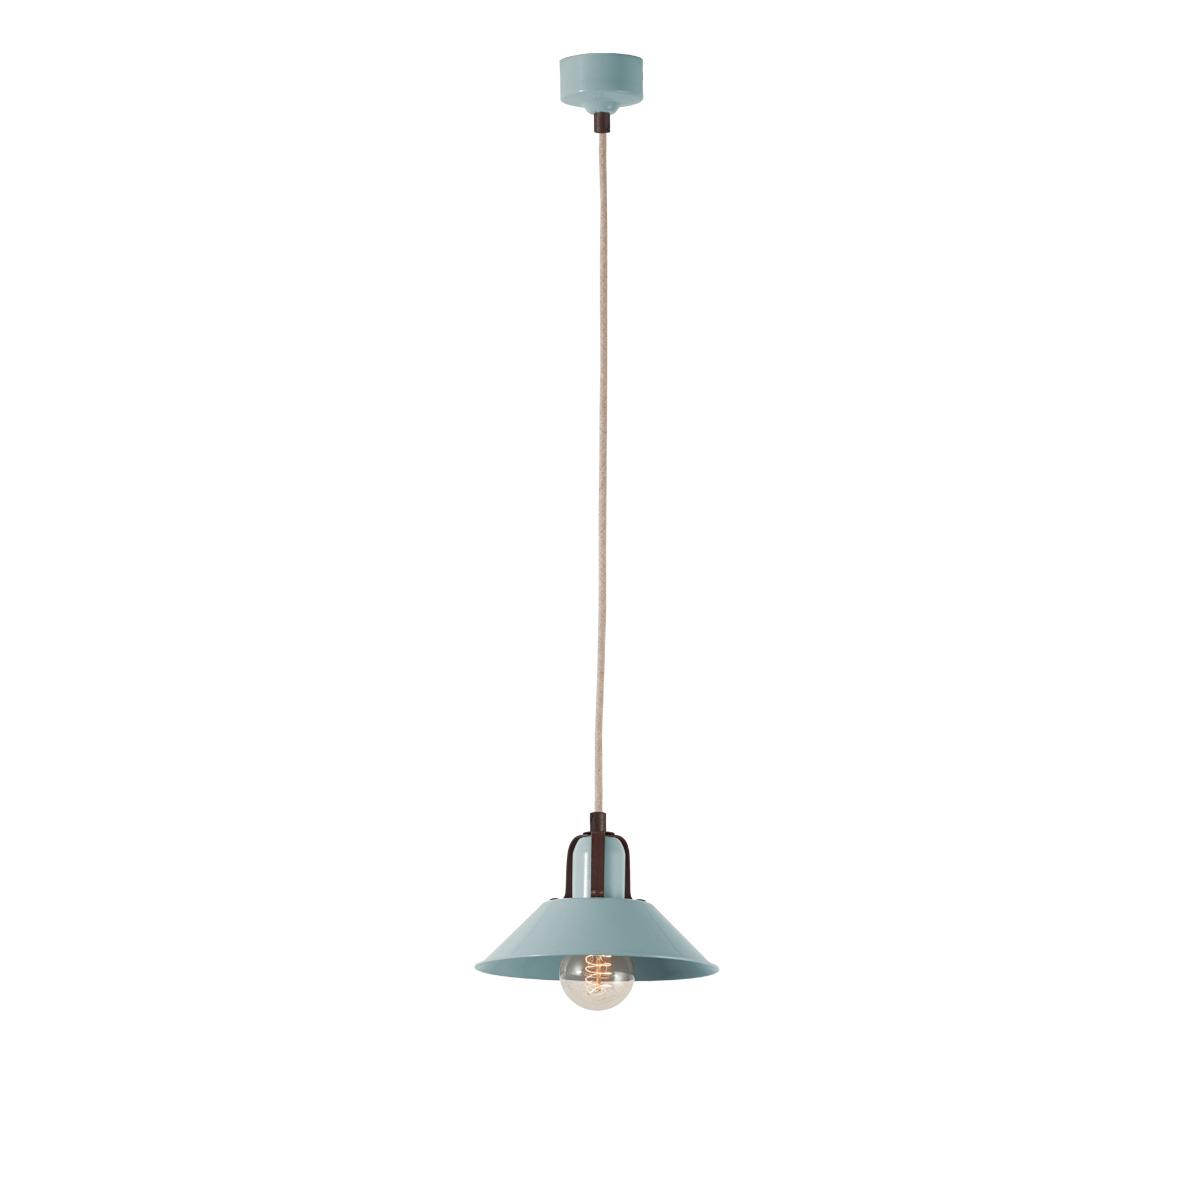 Χειροποίητο φωτιστικό βεραμάν ΜΗΛΟΣ pastel turquoise handmade pendant lamp